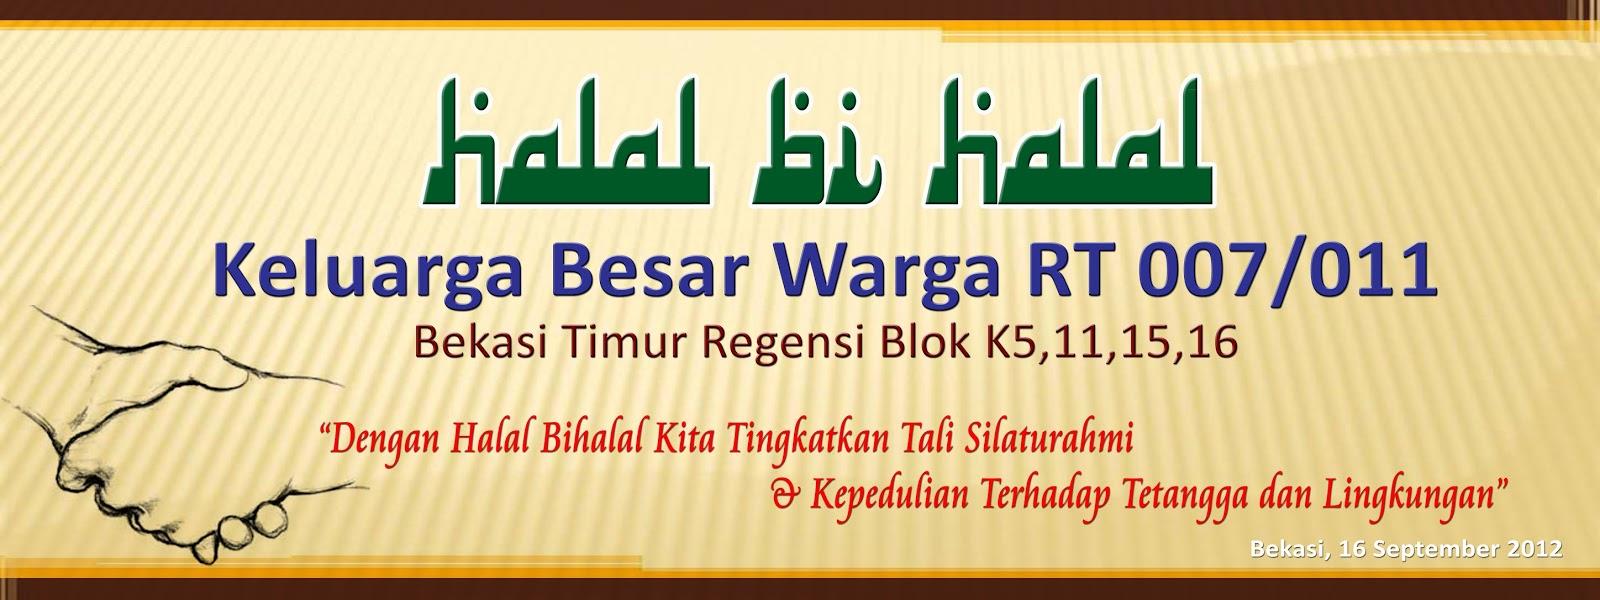 5 Contoh Banner Halal Bihalal yang Menarik - Contoh Banner